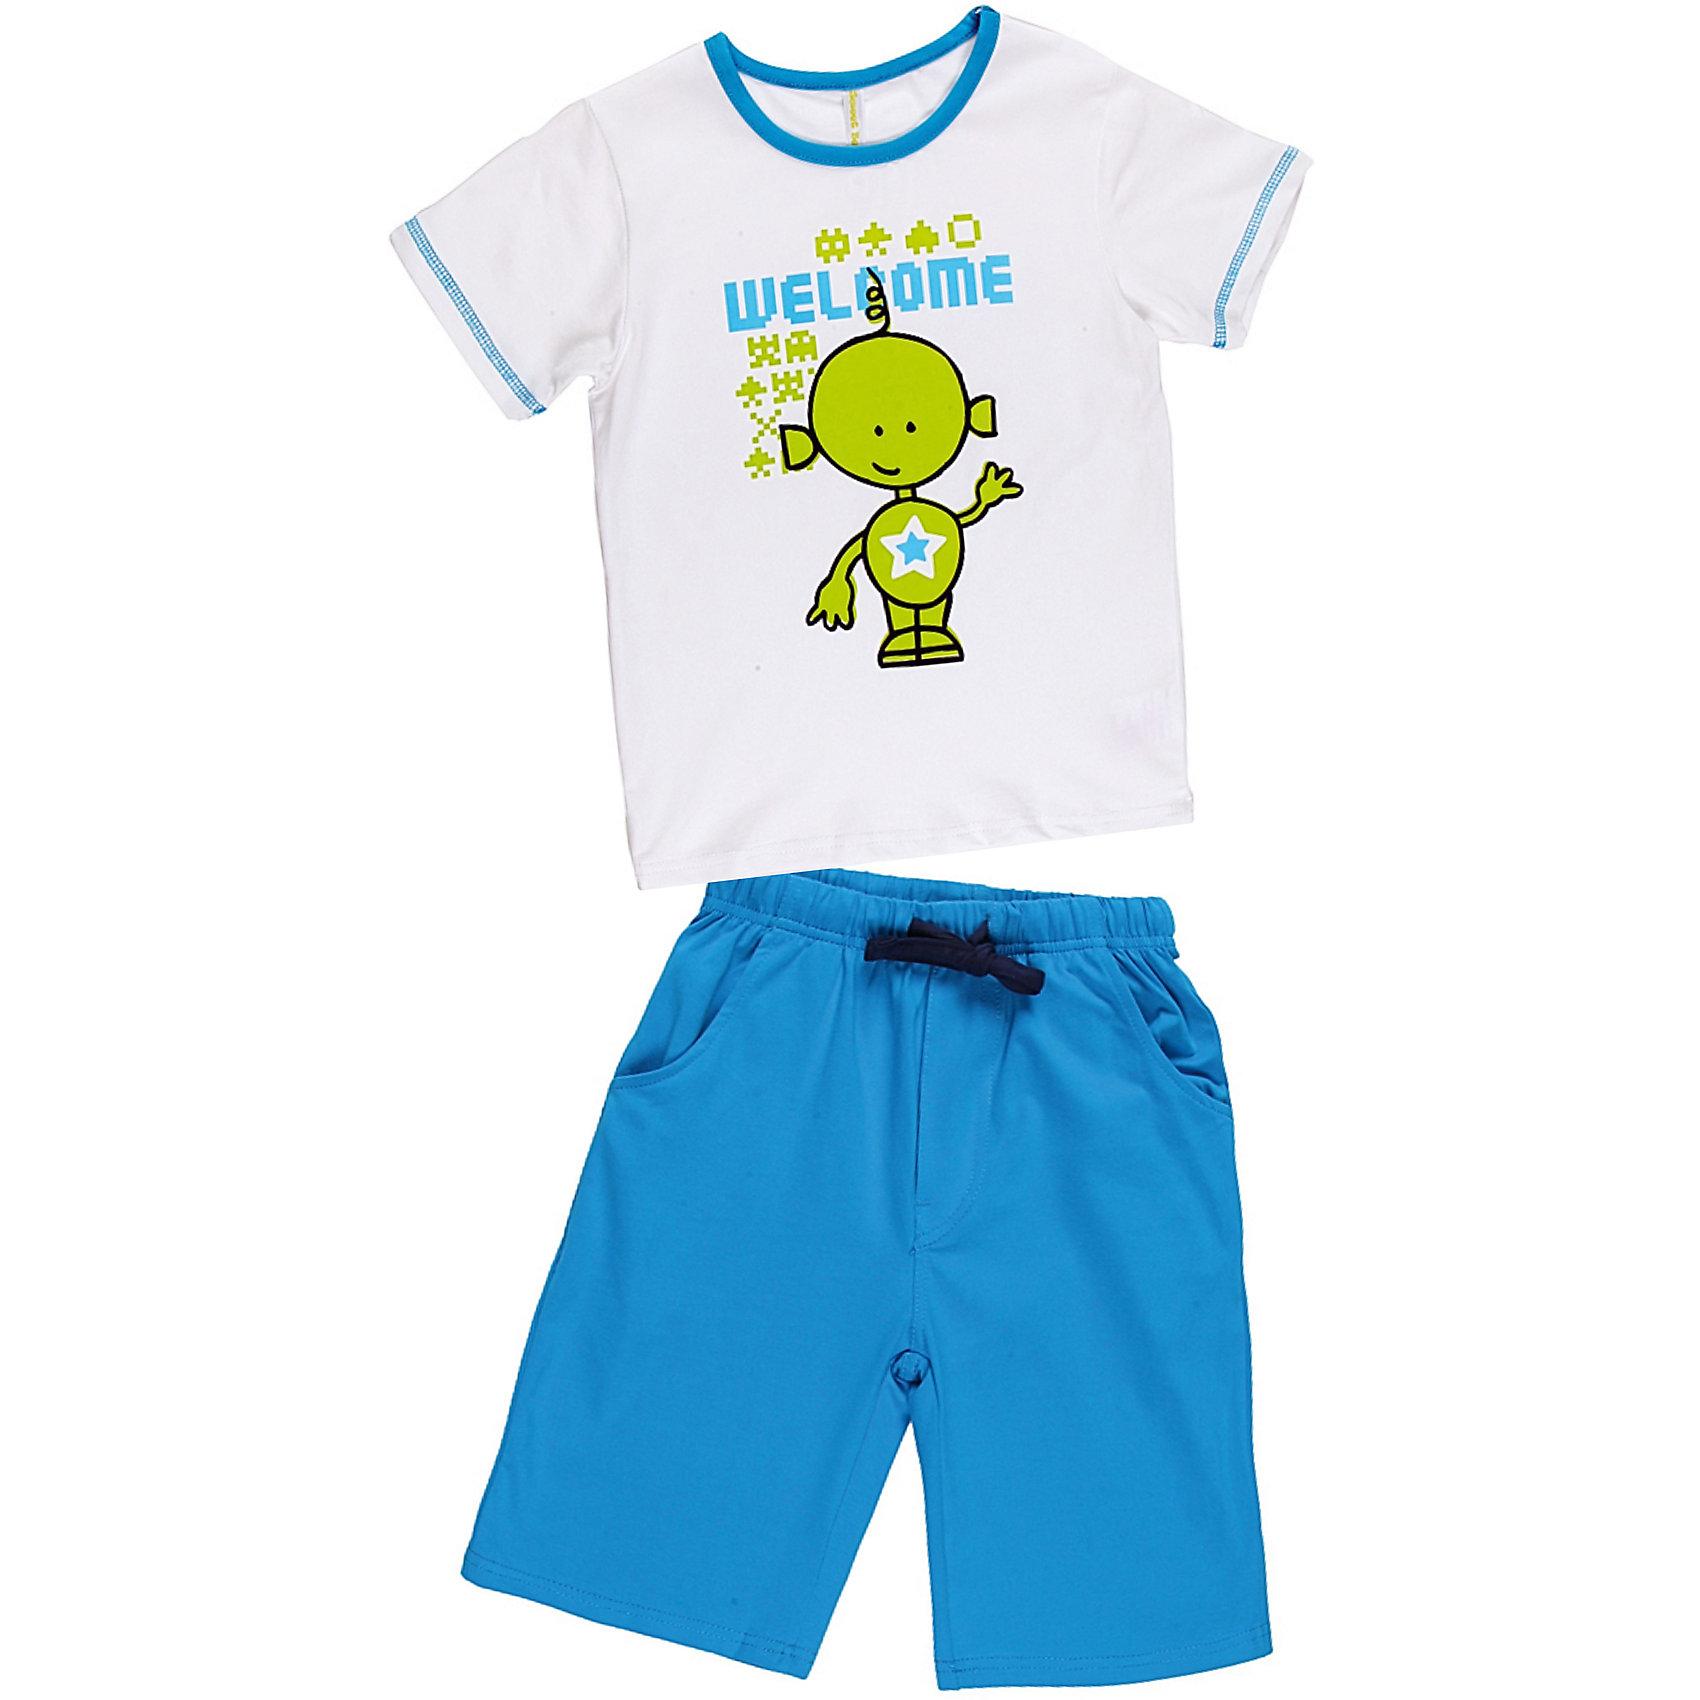 Комплект для мальчика: футболка, шорты Sweet BerryКомплекты<br>Комплект футболка и шорты для сна и дома. Шорты на поясе с внутренней резинкой и дополнительным хлопковым шнурком. Футболка украшена веселым принтом. Состав: 95% хлопок 5% эластан<br><br>Ширина мм: 281<br>Глубина мм: 70<br>Высота мм: 188<br>Вес г: 295<br>Цвет: синий/белый<br>Возраст от месяцев: 72<br>Возраст до месяцев: 84<br>Пол: Мужской<br>Возраст: Детский<br>Размер: 128,122,98,104,140,134,116,110<br>SKU: 4632984